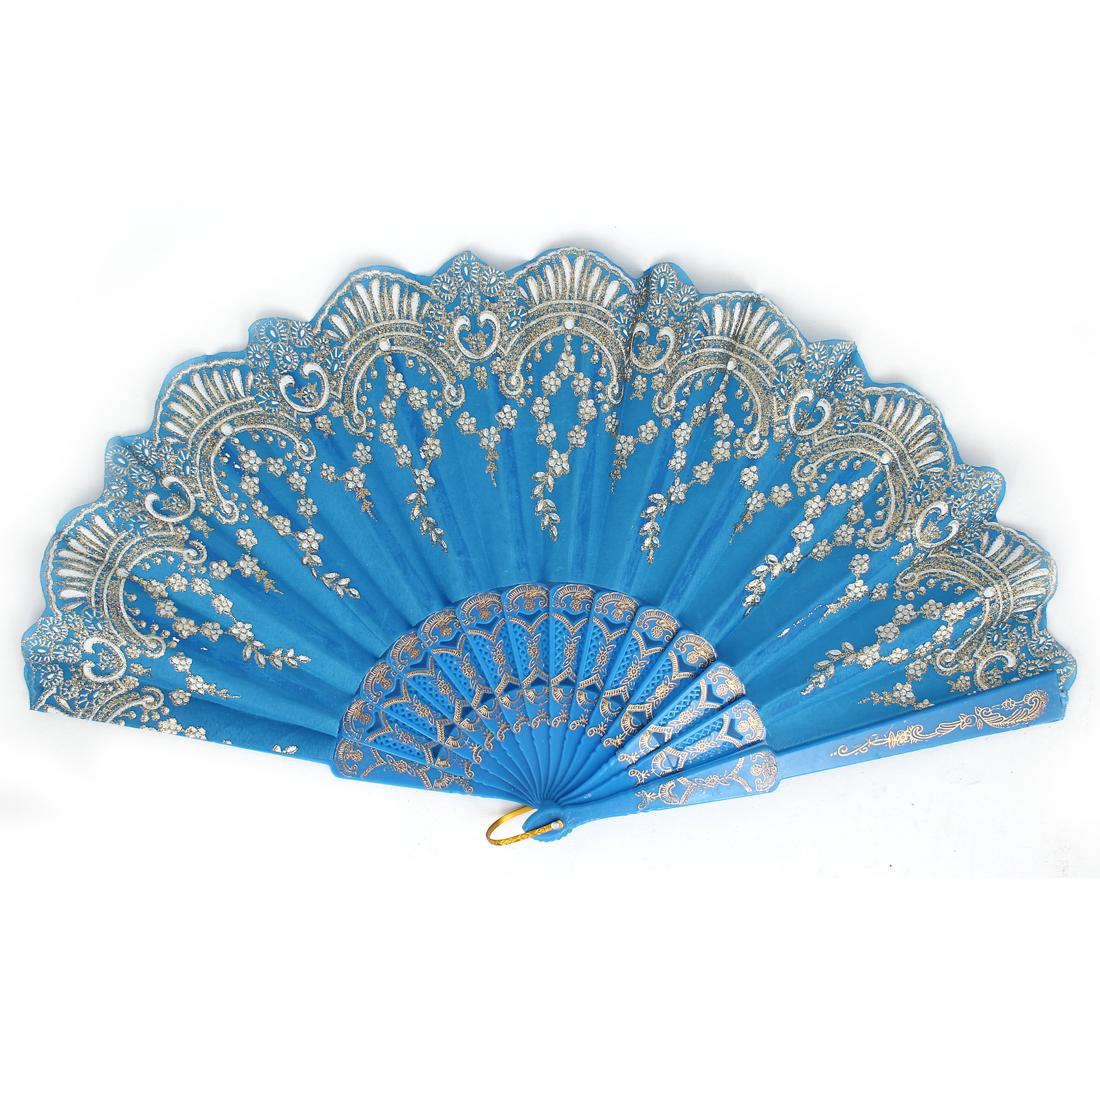 Chinese Style Glitter Flower Pattern Party Dance Wedding Folding Hand Fan Blue